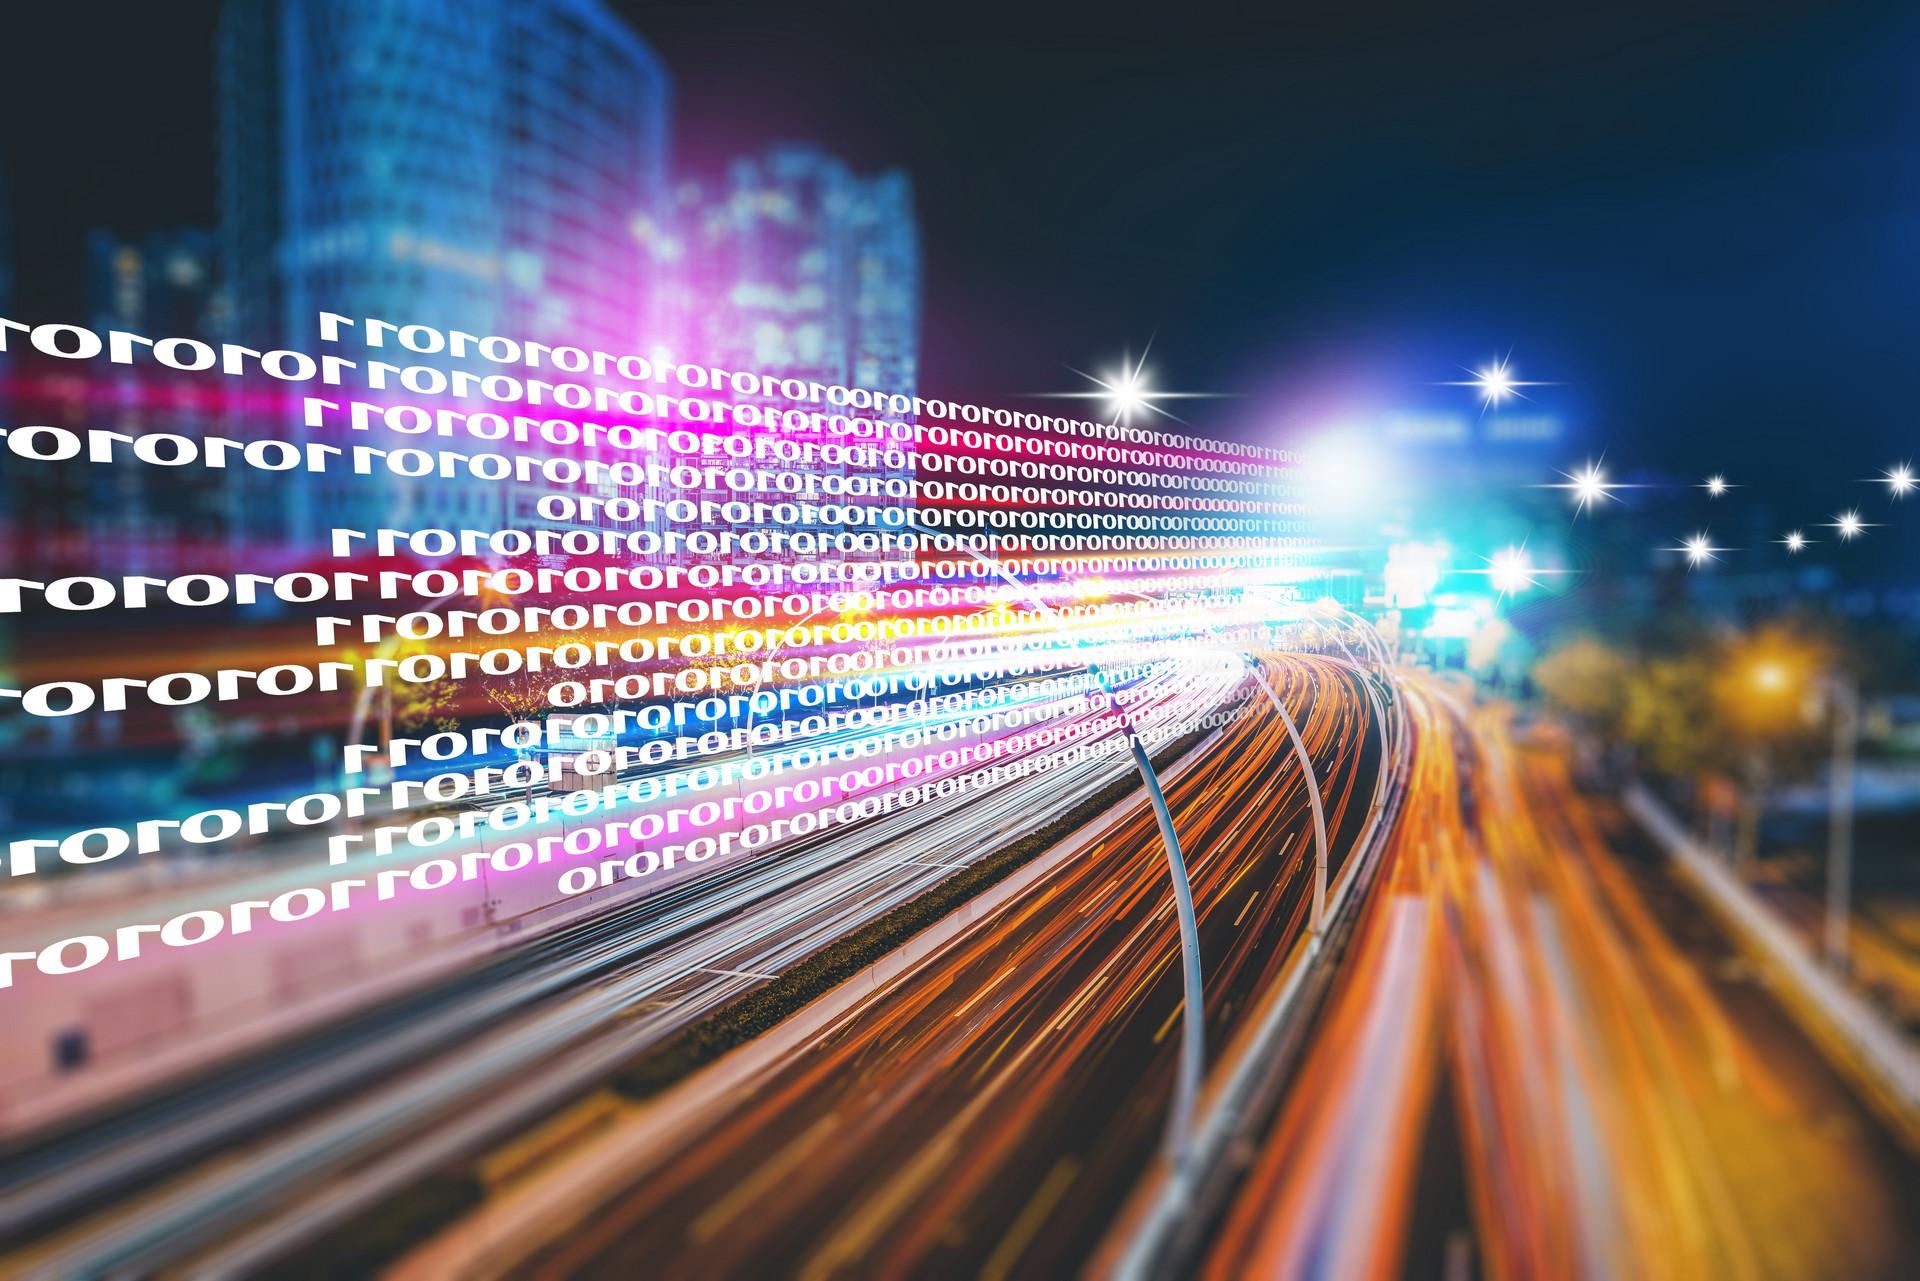 智慧城市大数据流动云计算